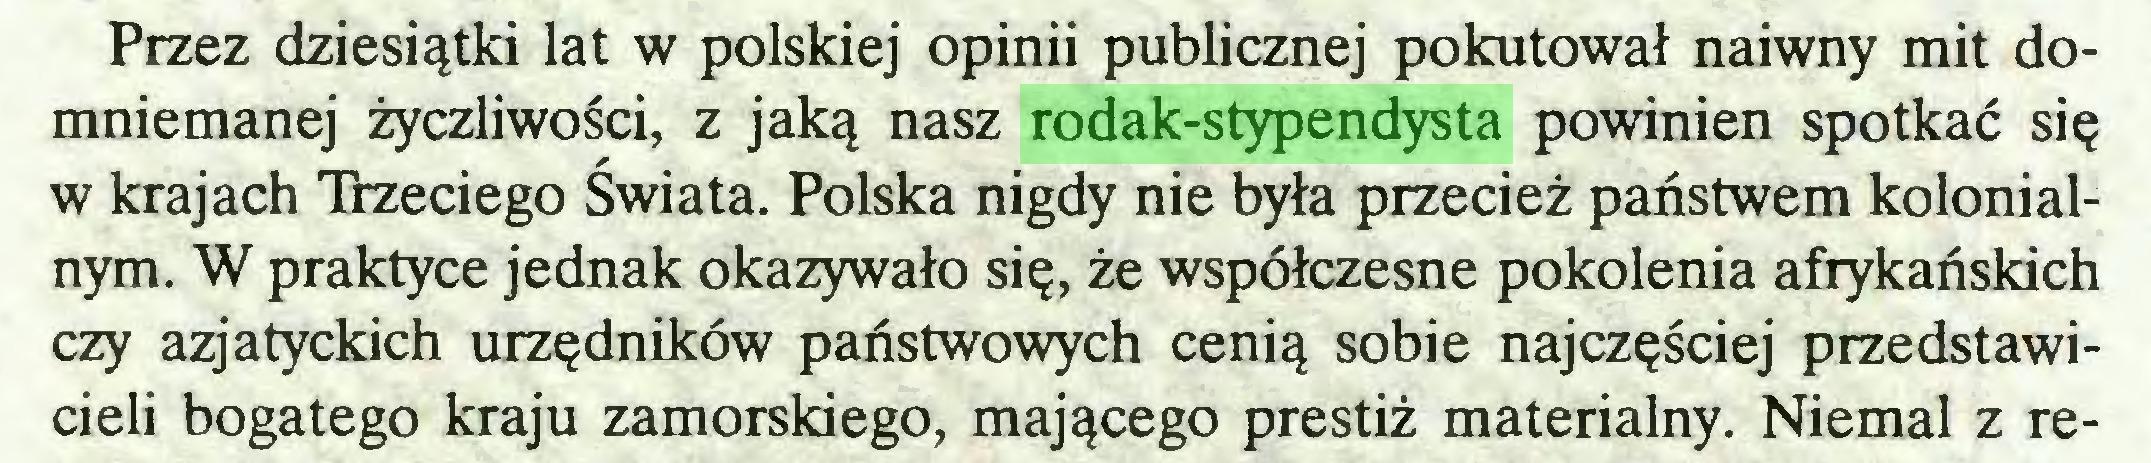 (...) Przez dziesiątki lat w polskiej opinii publicznej pokutował naiwny mit domniemanej życzliwości, z jaką nasz rodak-stypendysta powinien spotkać się w krajach Trzeciego Świata. Polska nigdy nie była przecież państwem kolonialnym. W praktyce jednak okazywało się, że współczesne pokolenia afrykańskich czy azjatyckich urzędników państwowych cenią sobie najczęściej przedstawicieli bogatego kraju zamorskiego, mającego prestiż materialny. Niemal z re...